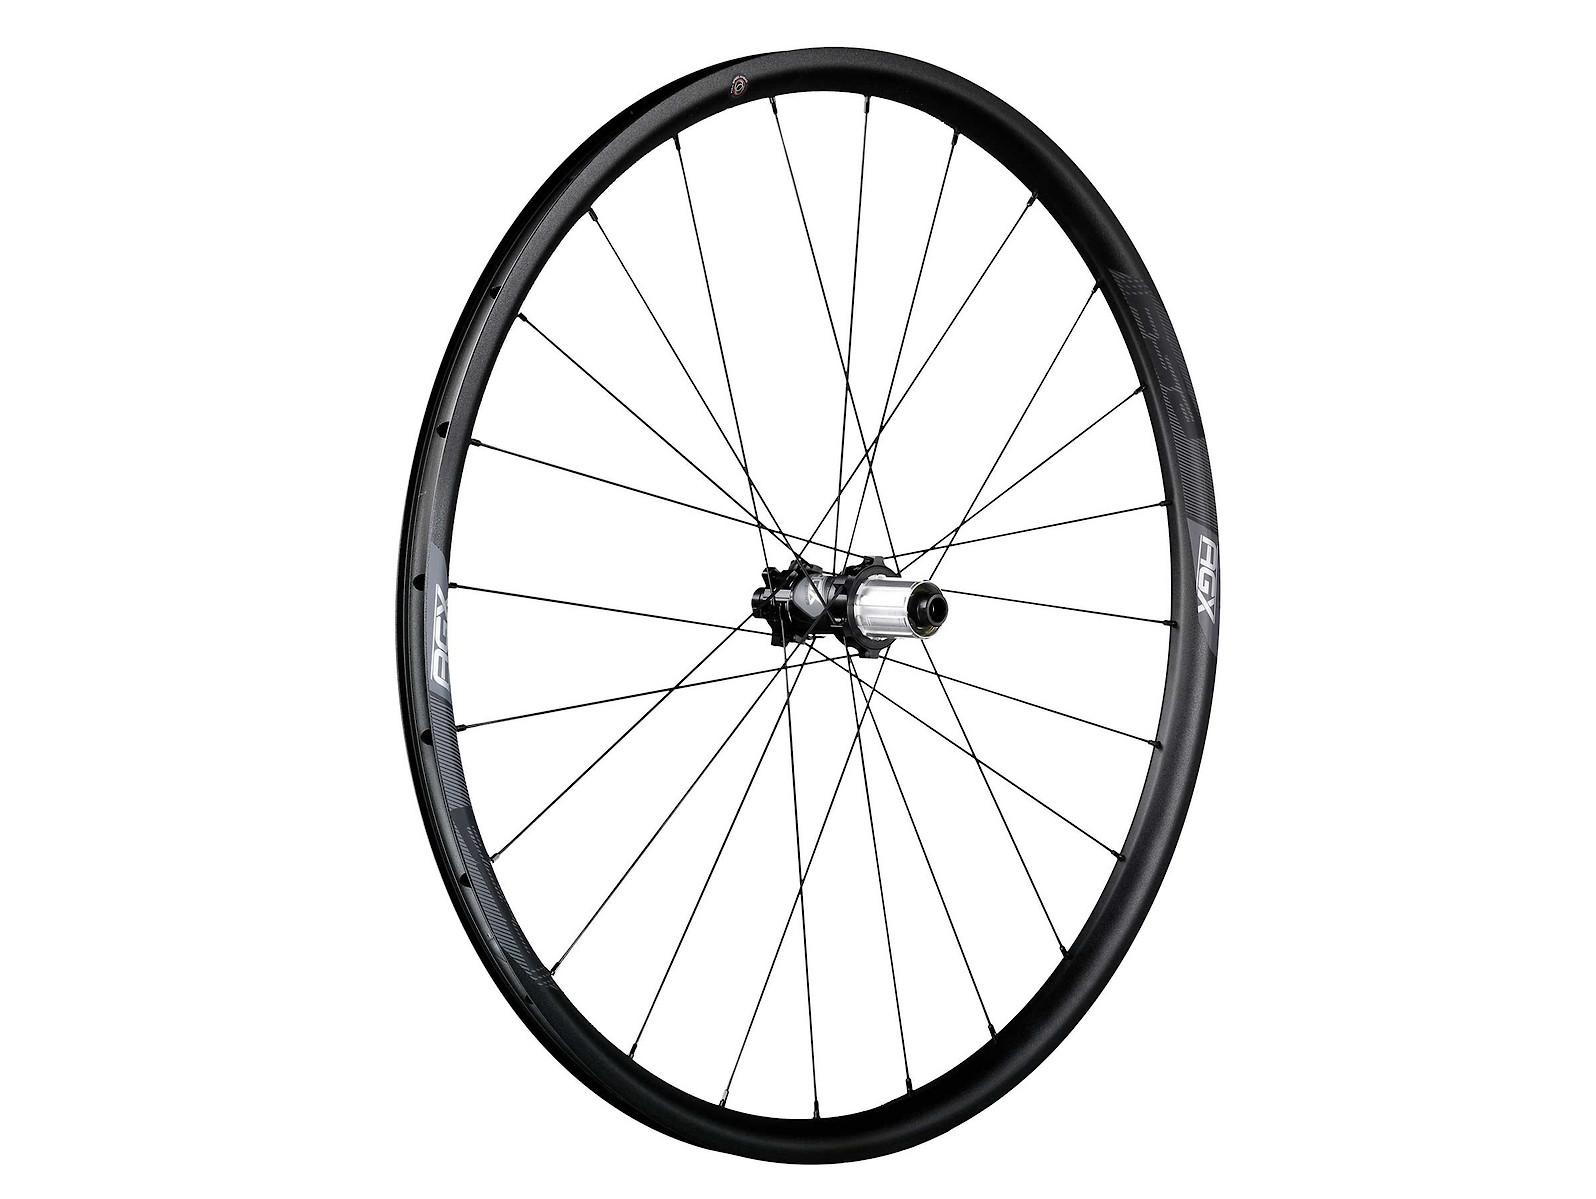 FSA AGX Rear Wheel